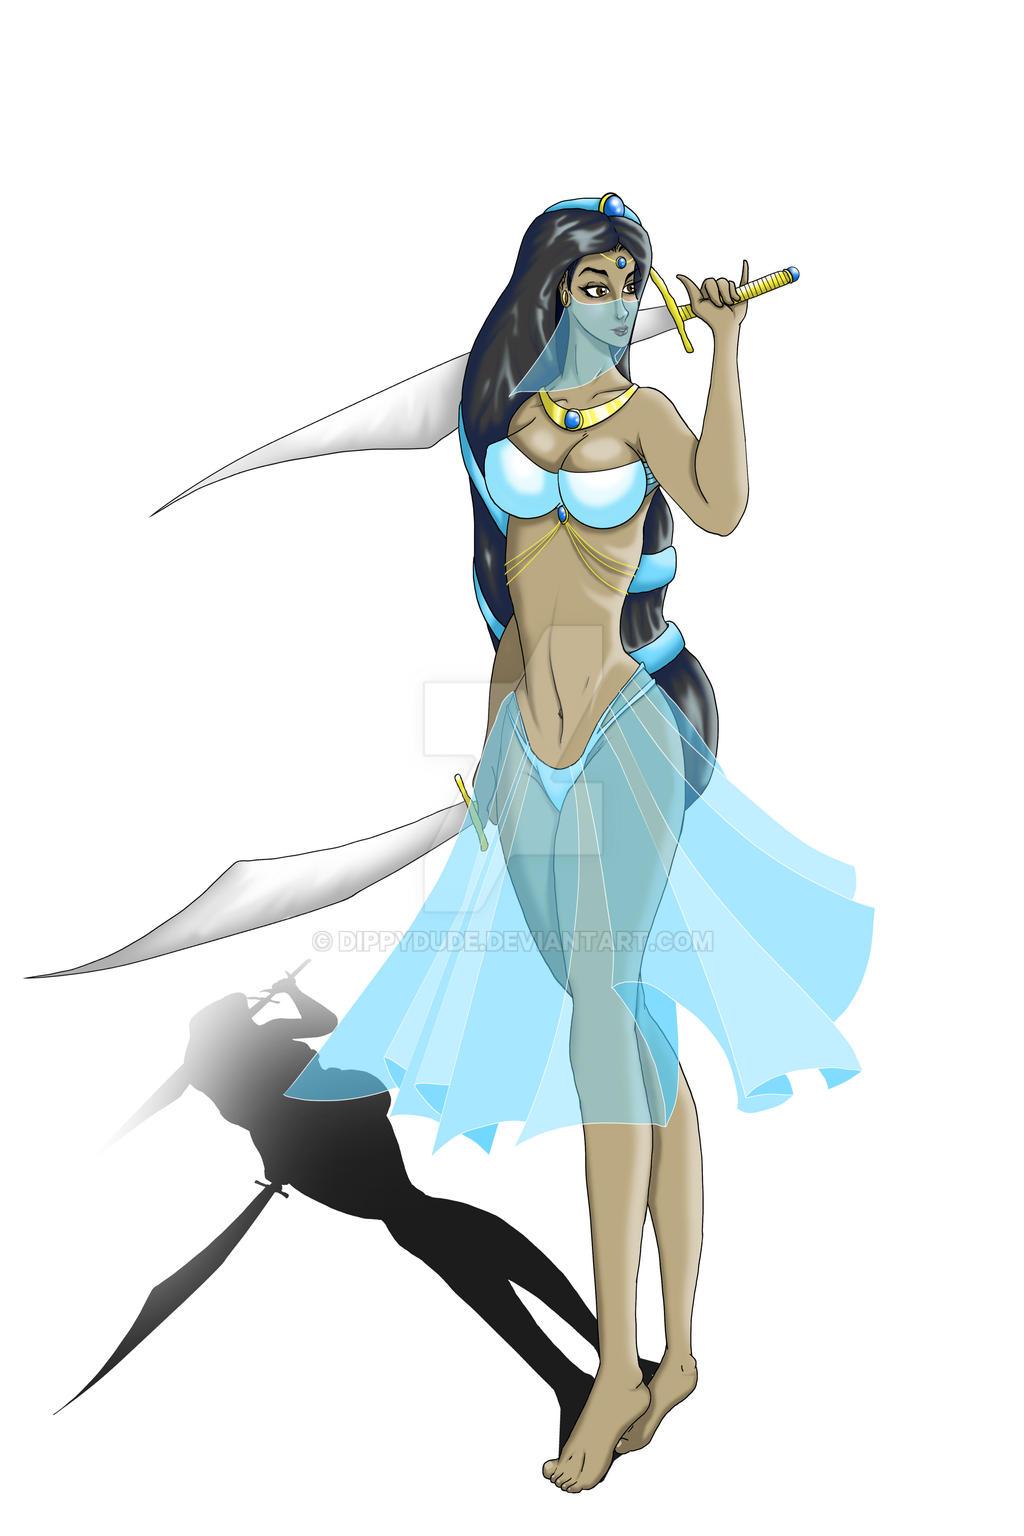 Jasmine - Heroic Heroines series by dippydude